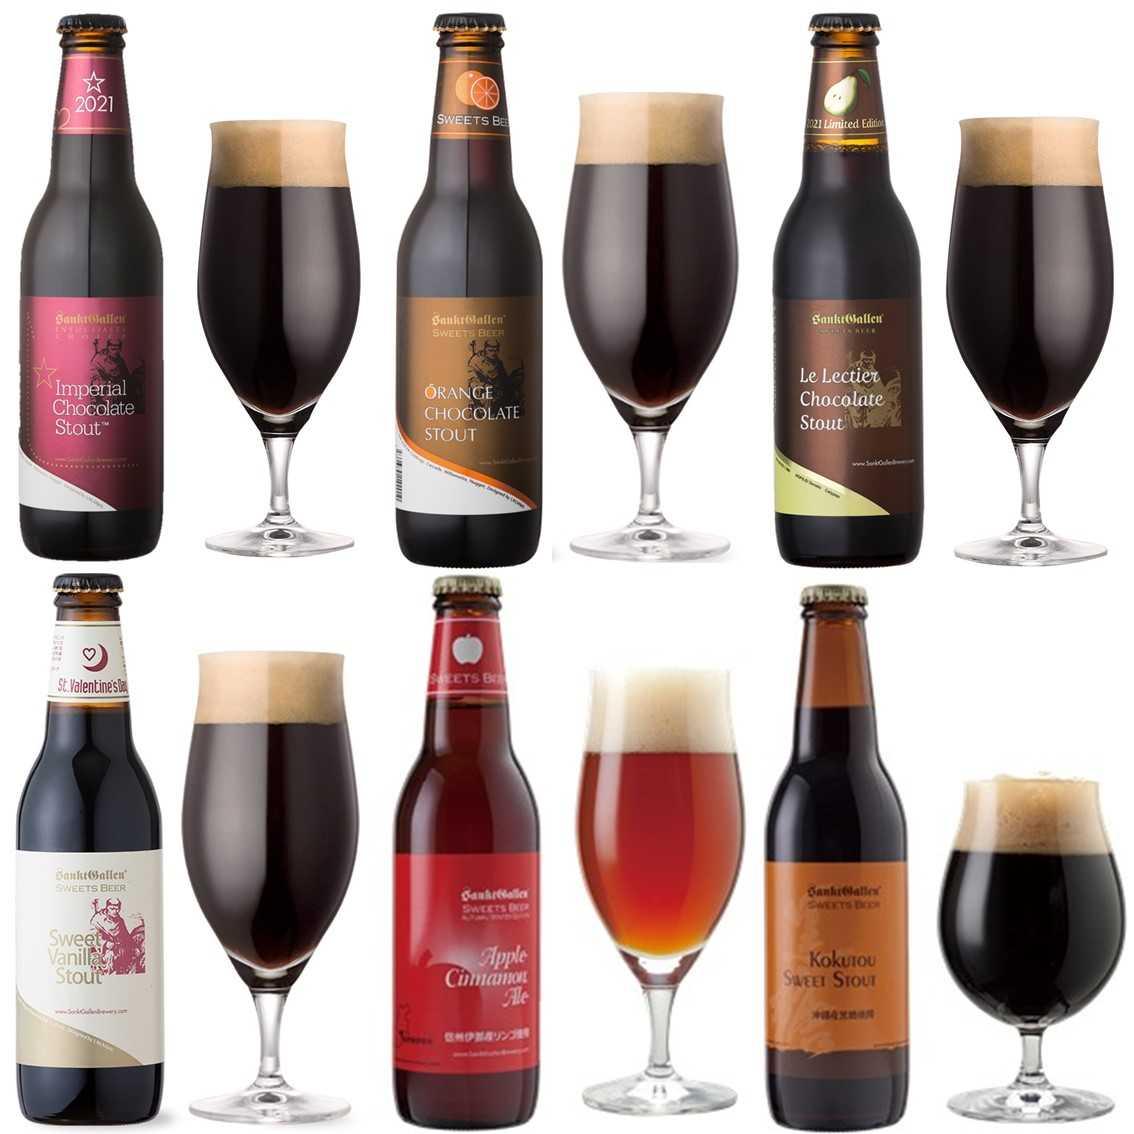 チョコビール全種入フレーバービール6種セット